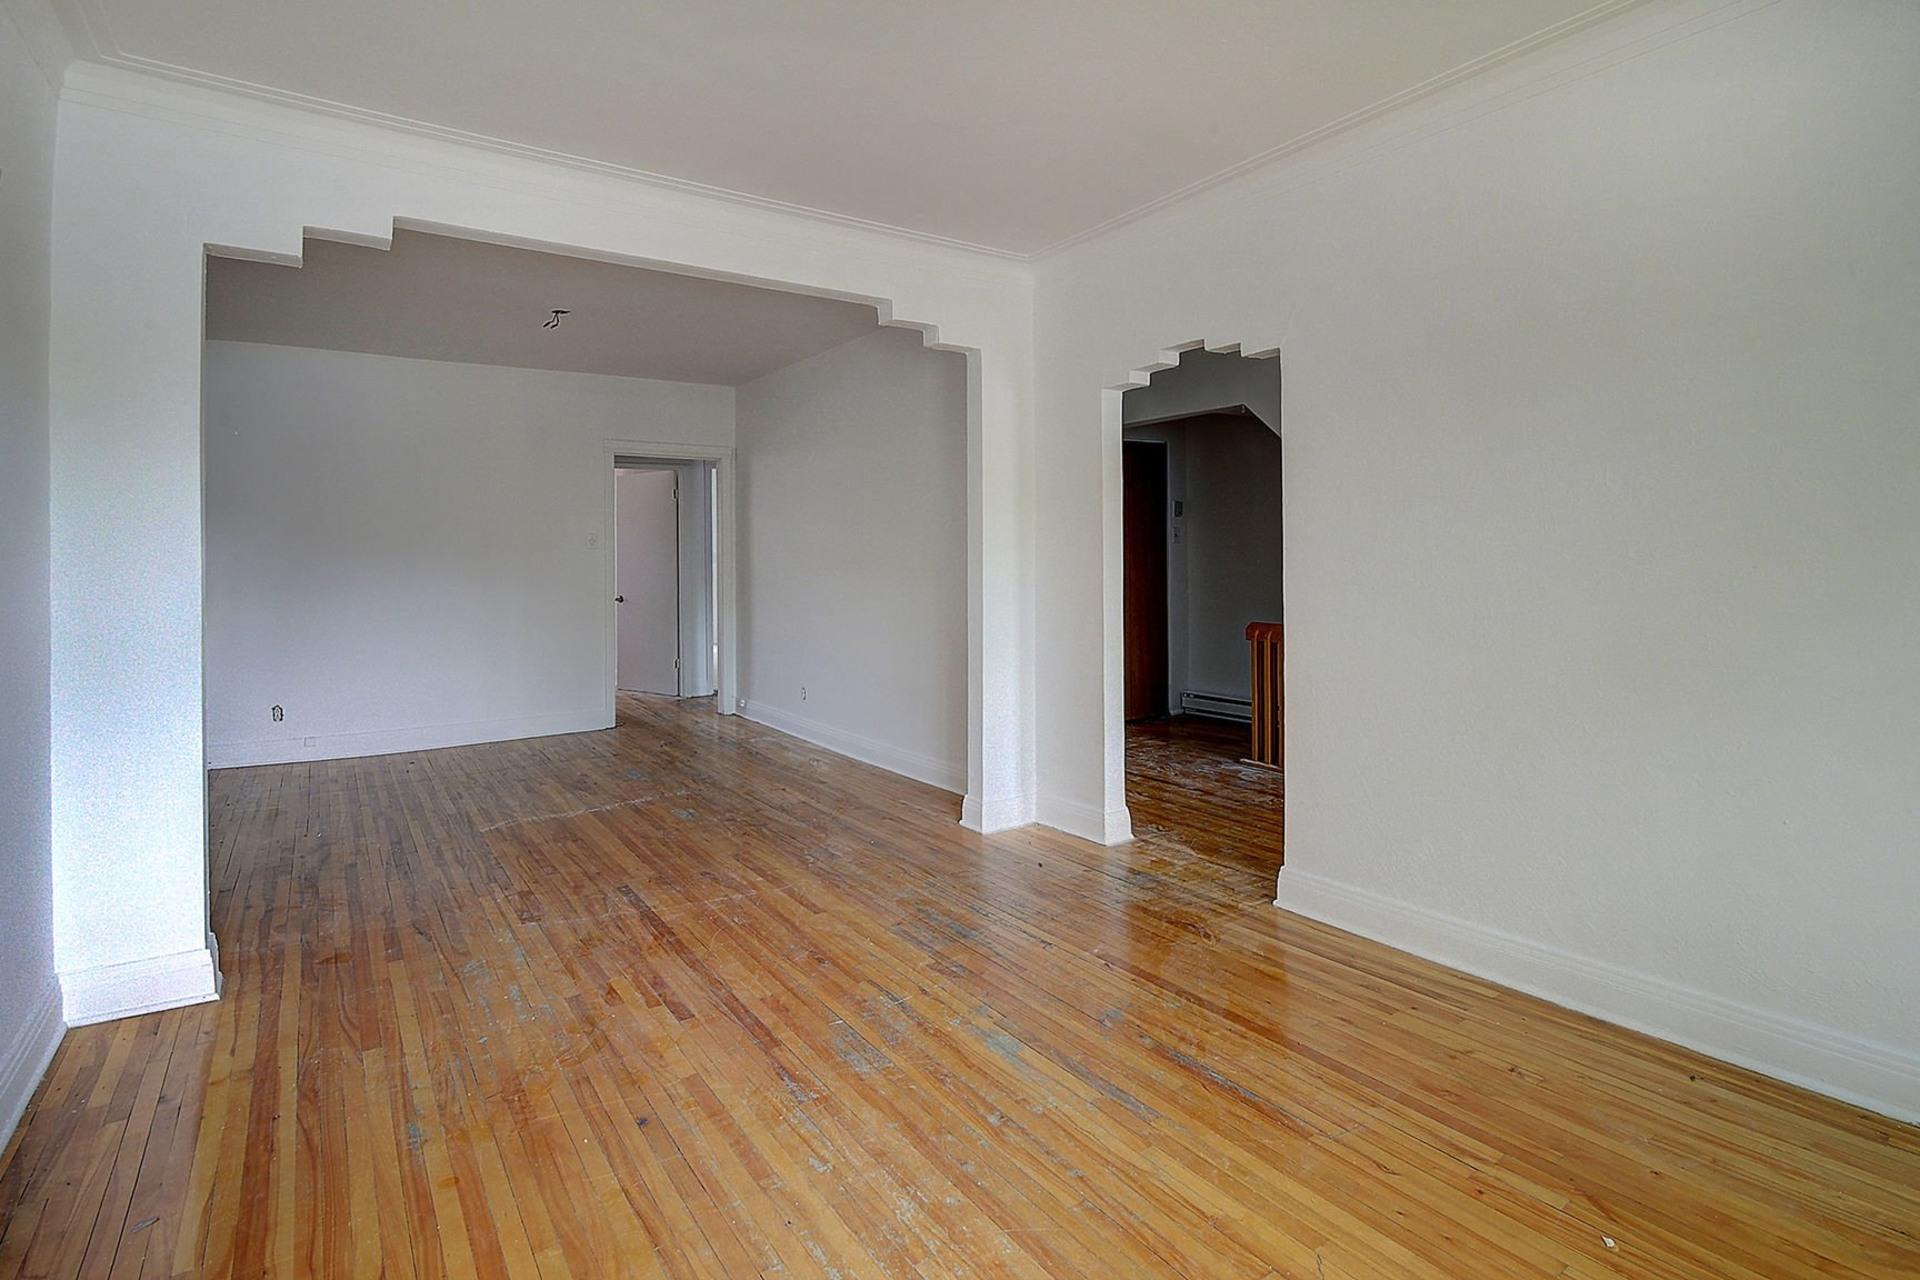 image 6 - Duplex For sale Verdun/Île-des-Soeurs Montréal  - 5 rooms